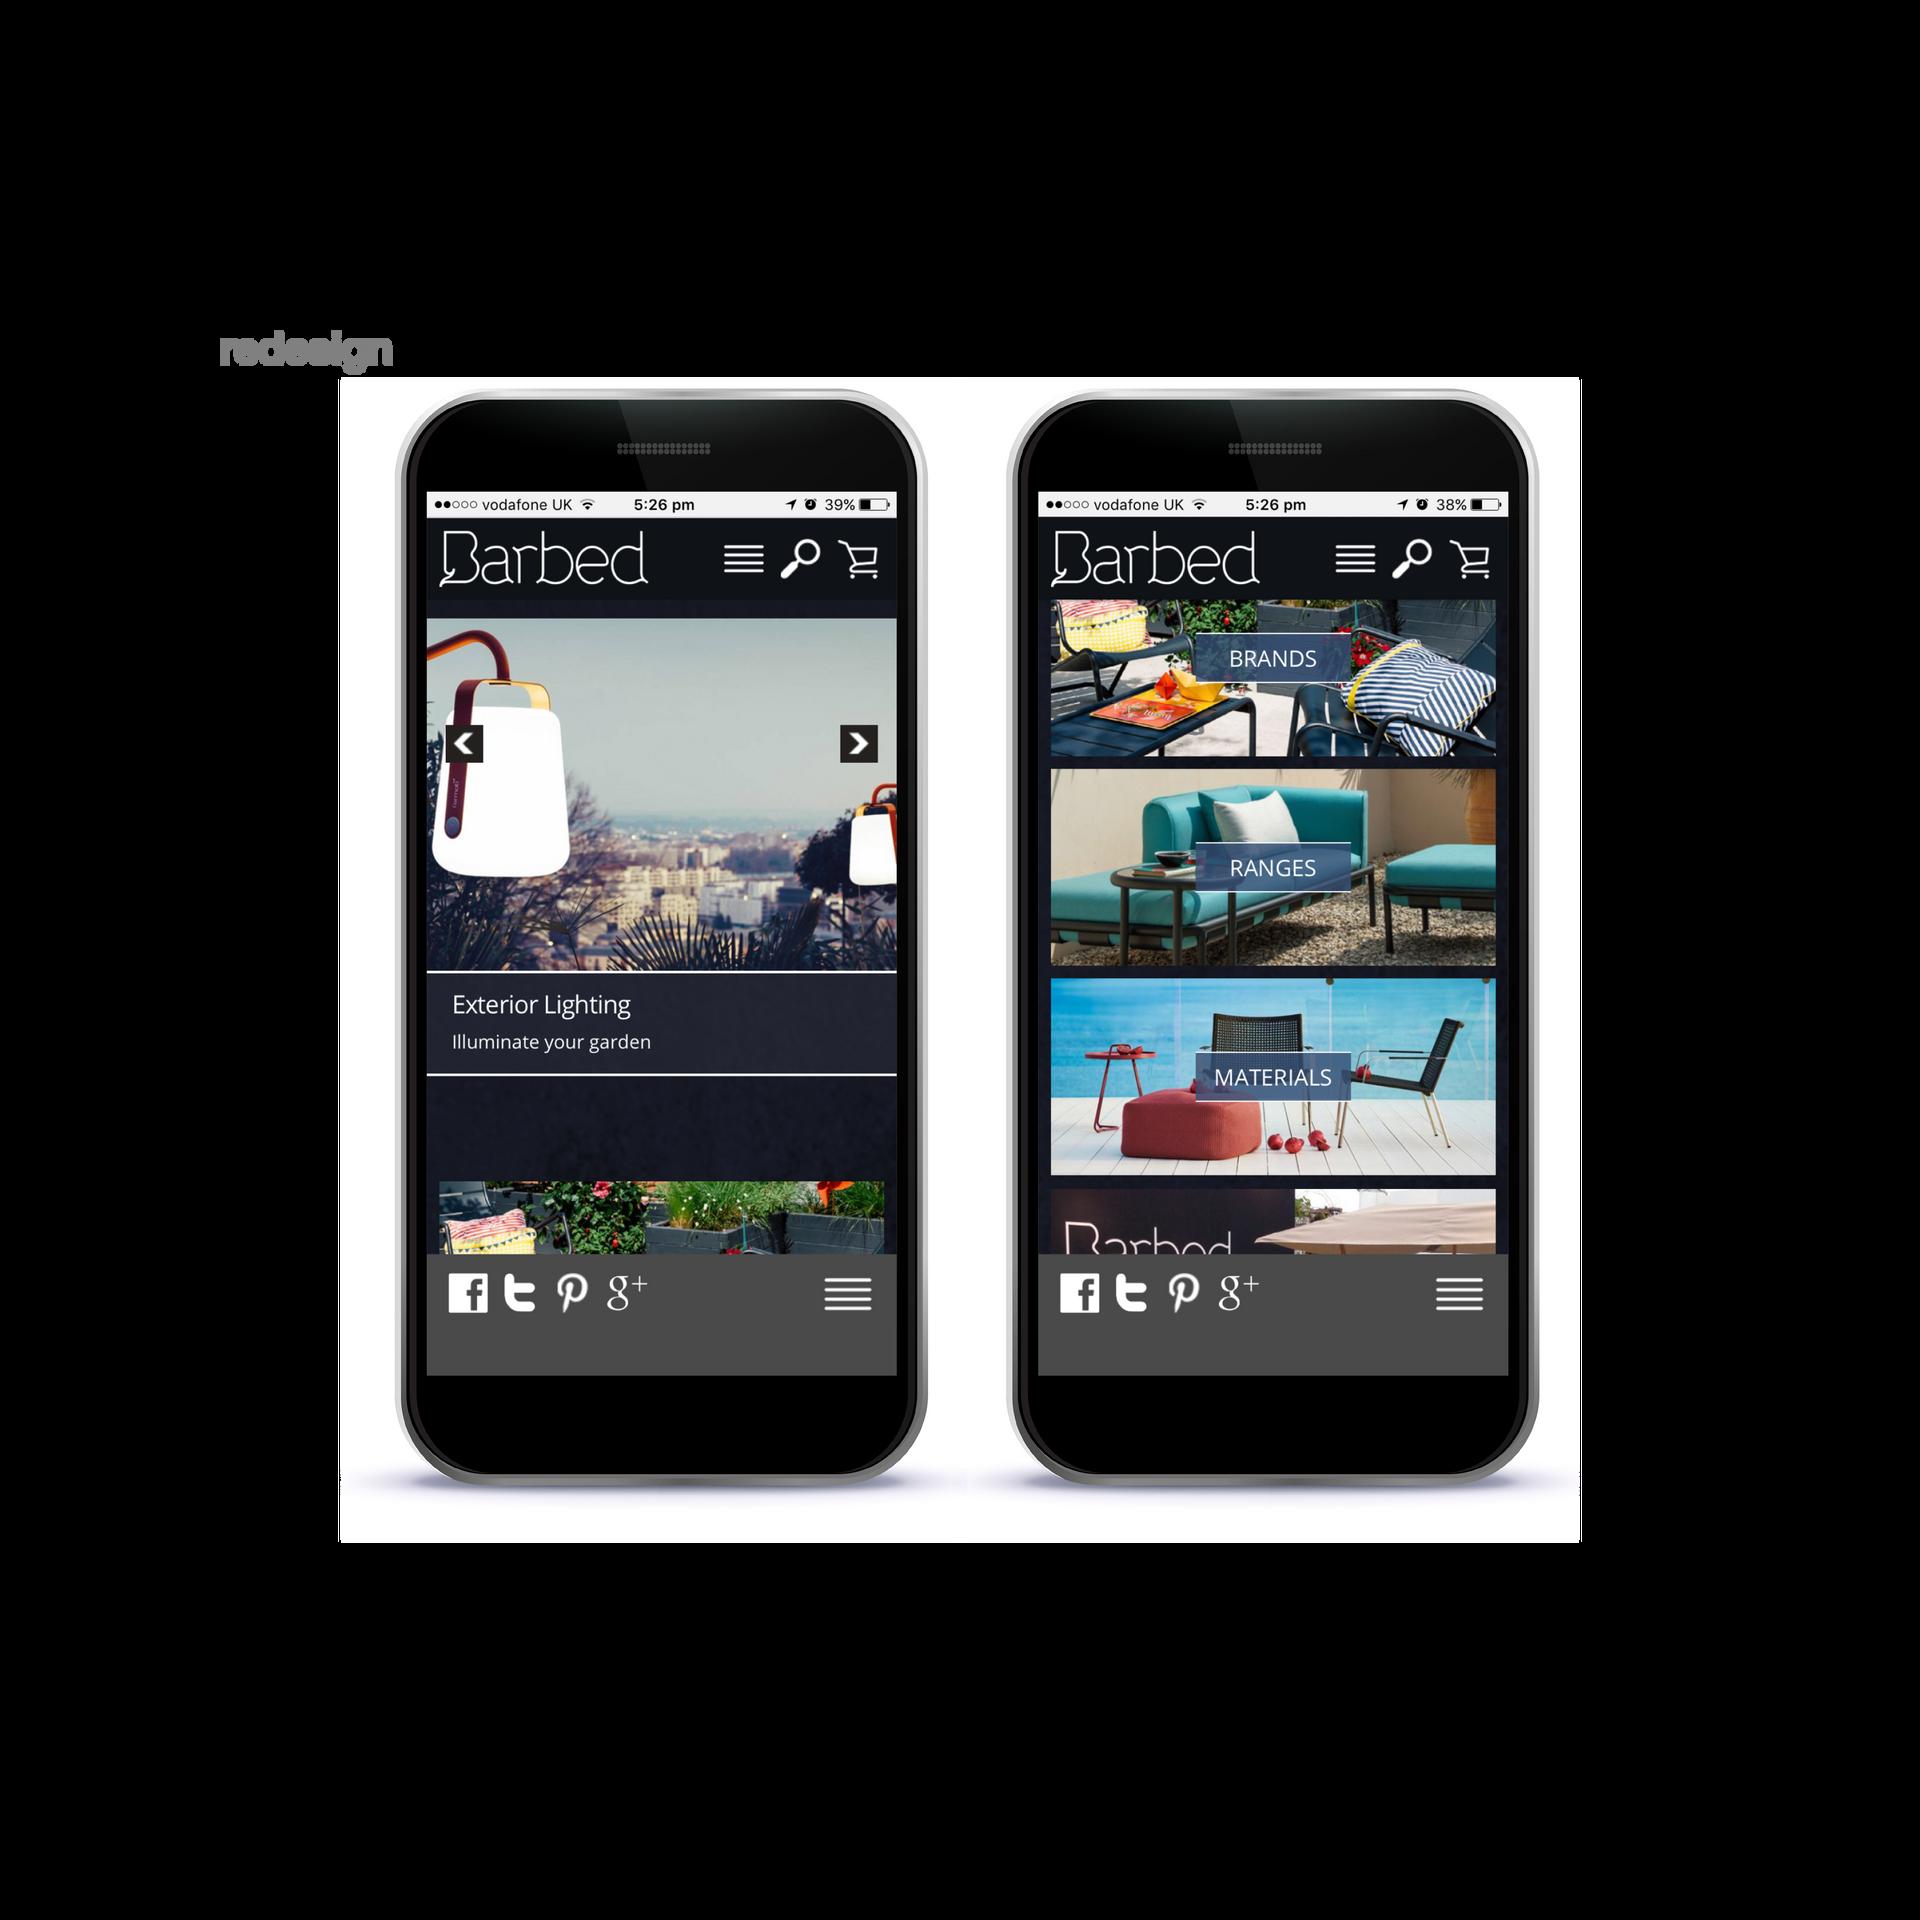 Barbed Website Redesign - Mobile